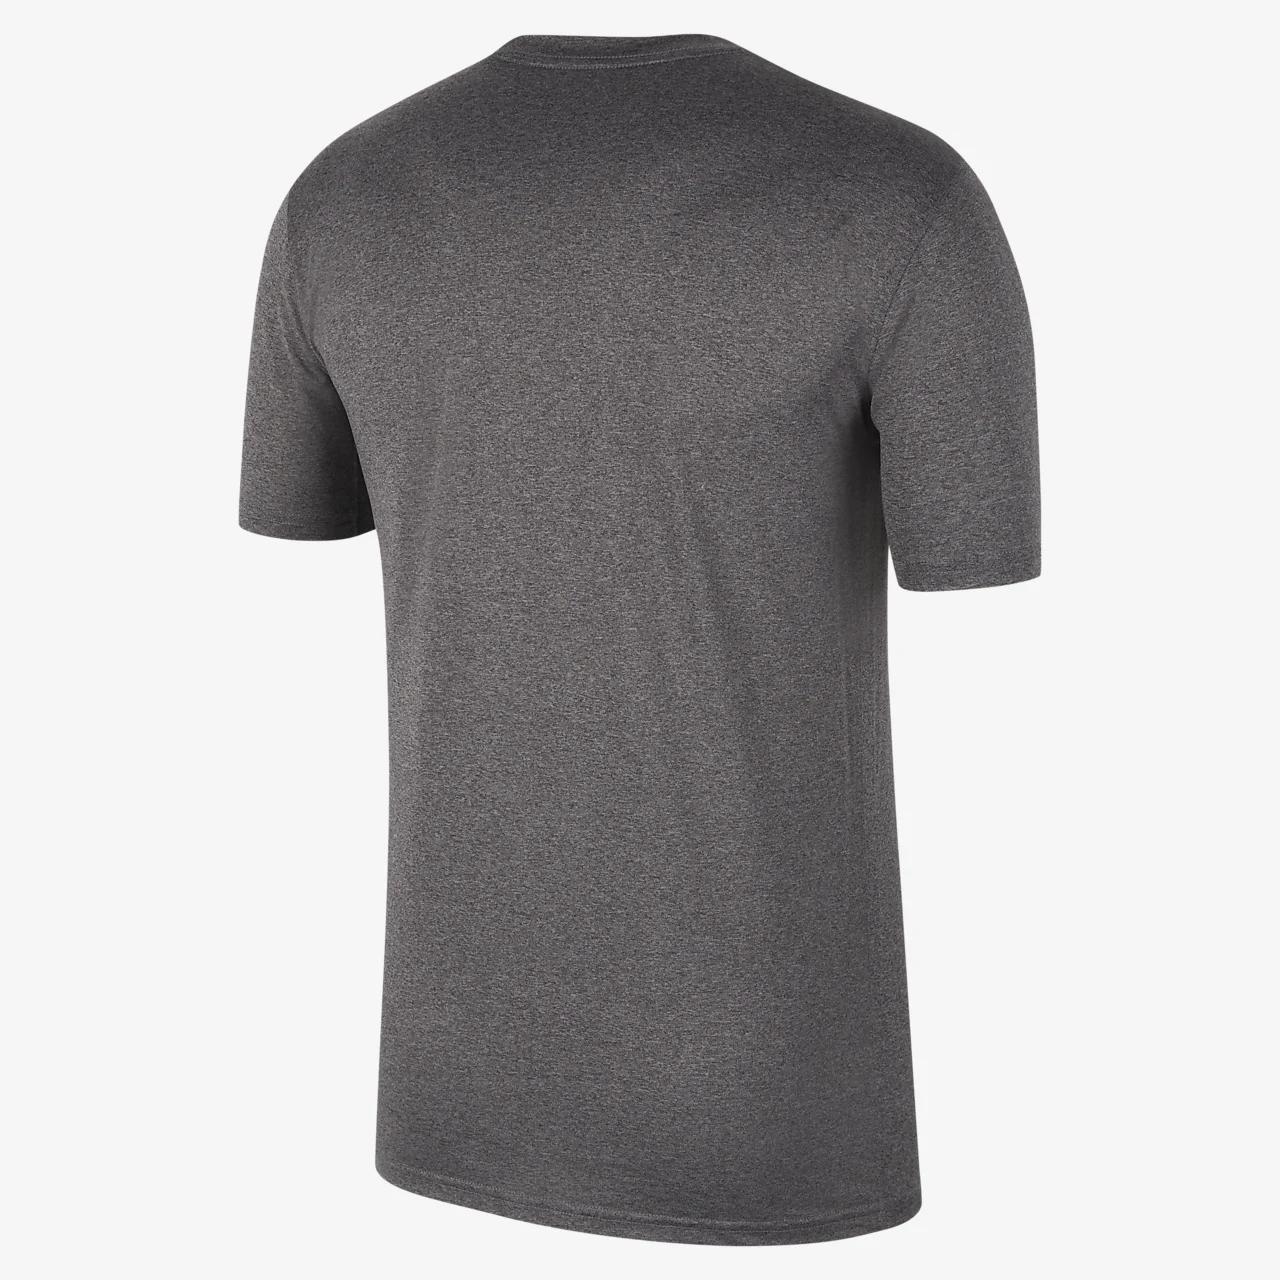 나이키 칼리지 드라이핏 레전드(USC) 남자 티셔츠 AO5956-071